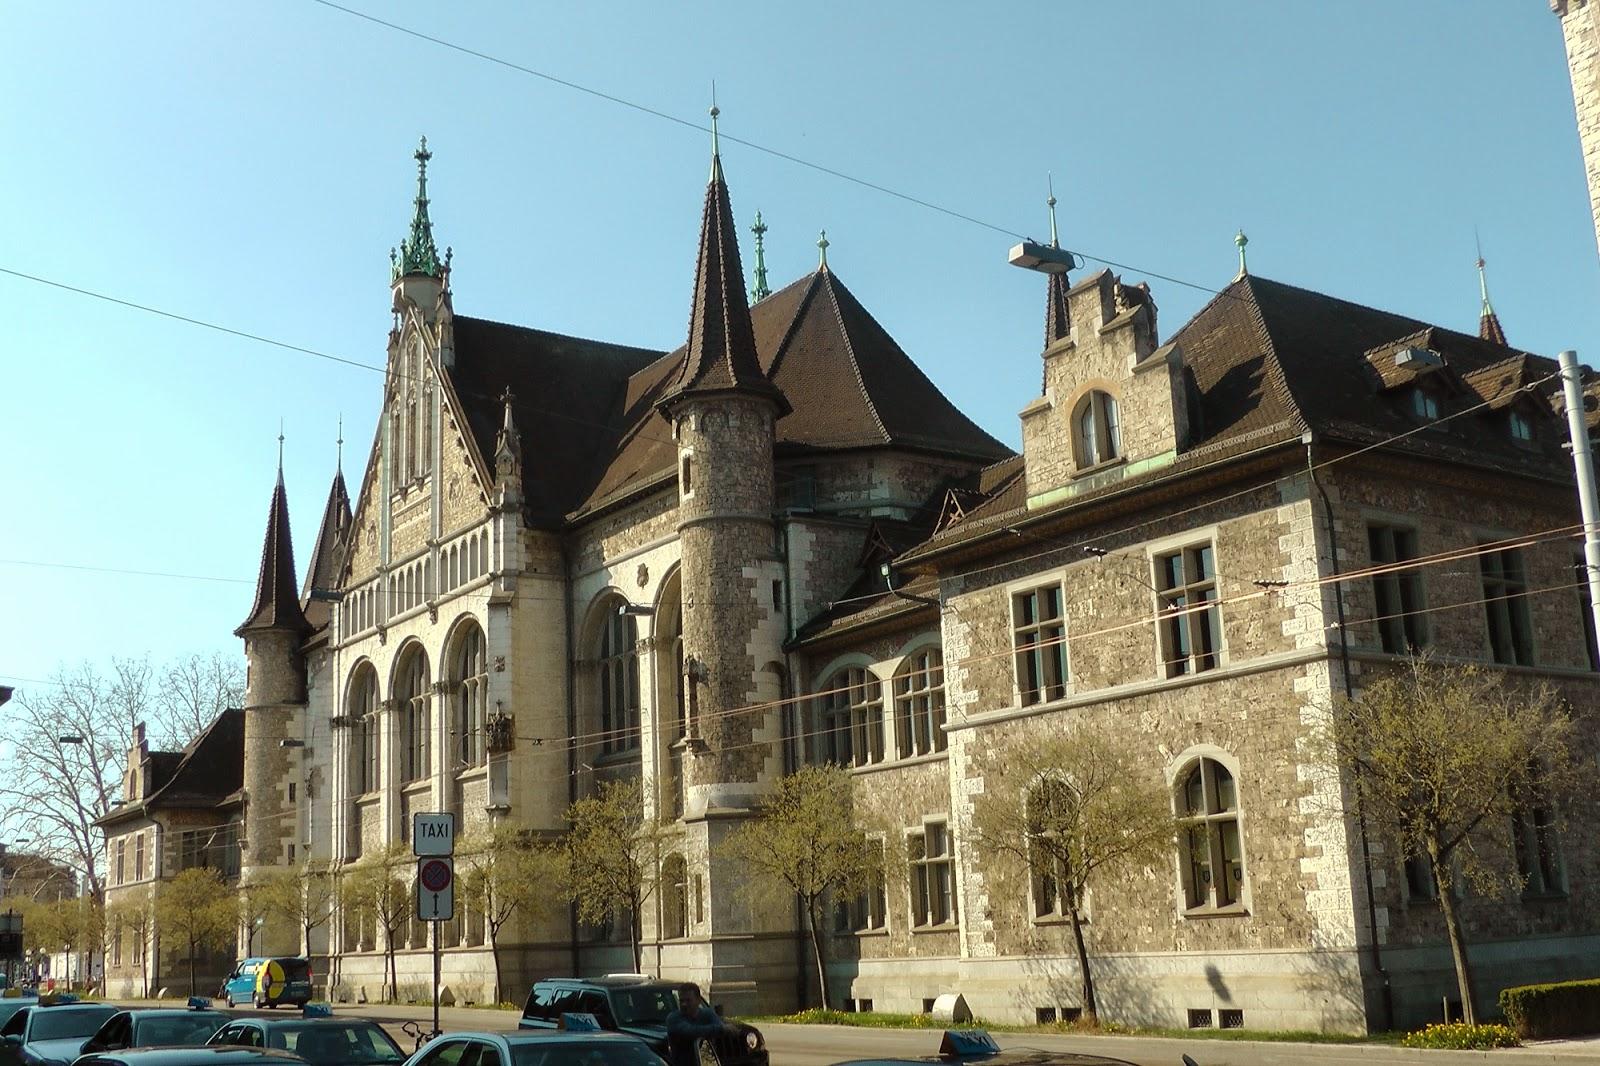 المعالم السياحية في زيورخ